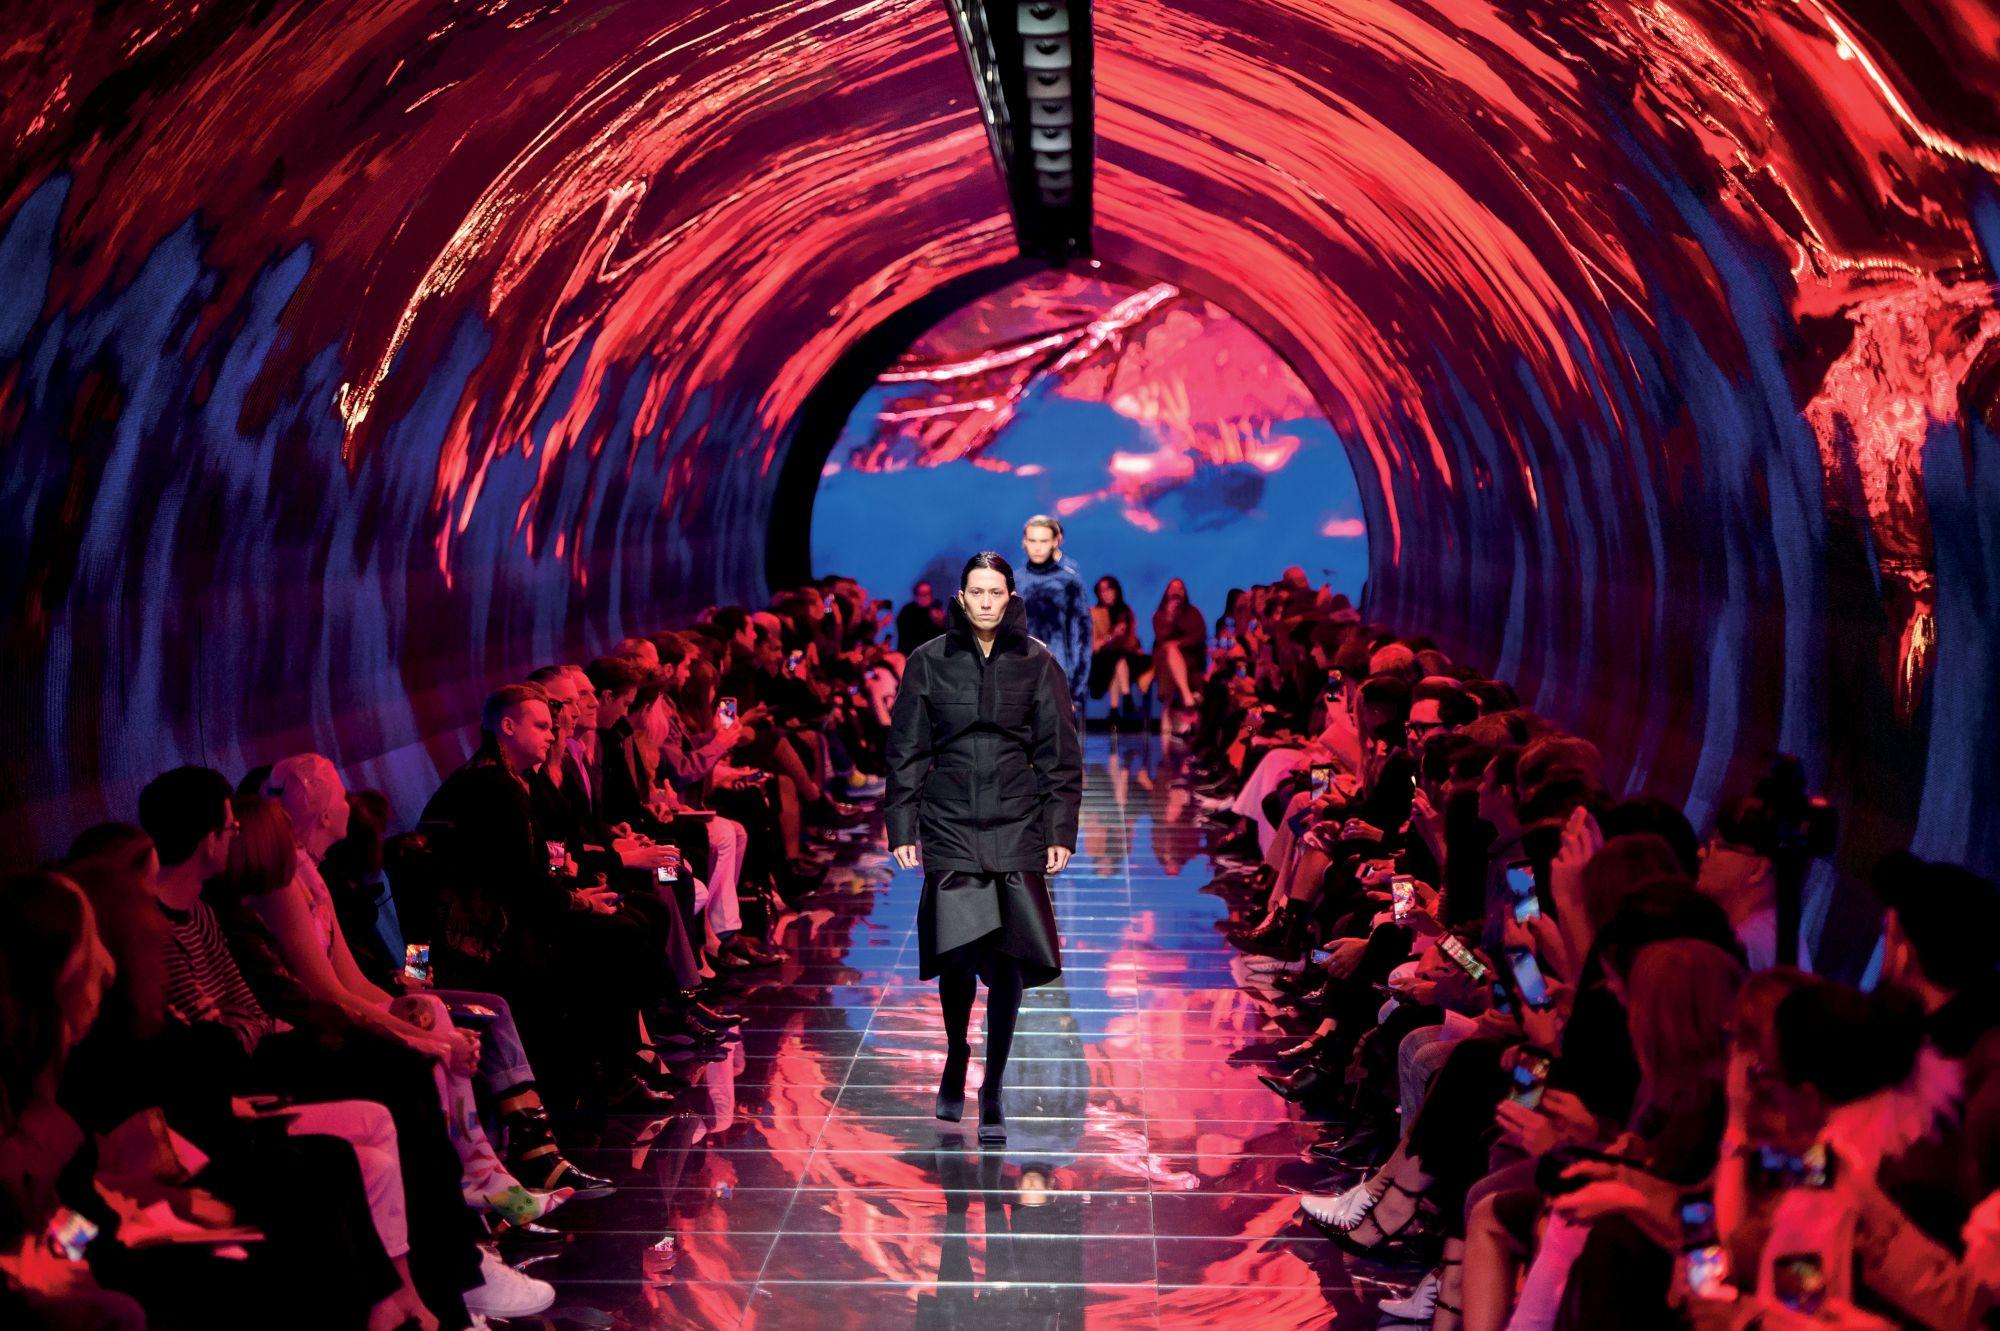 Designer Dossier: Spring/Summer 2019 Women's Fashion